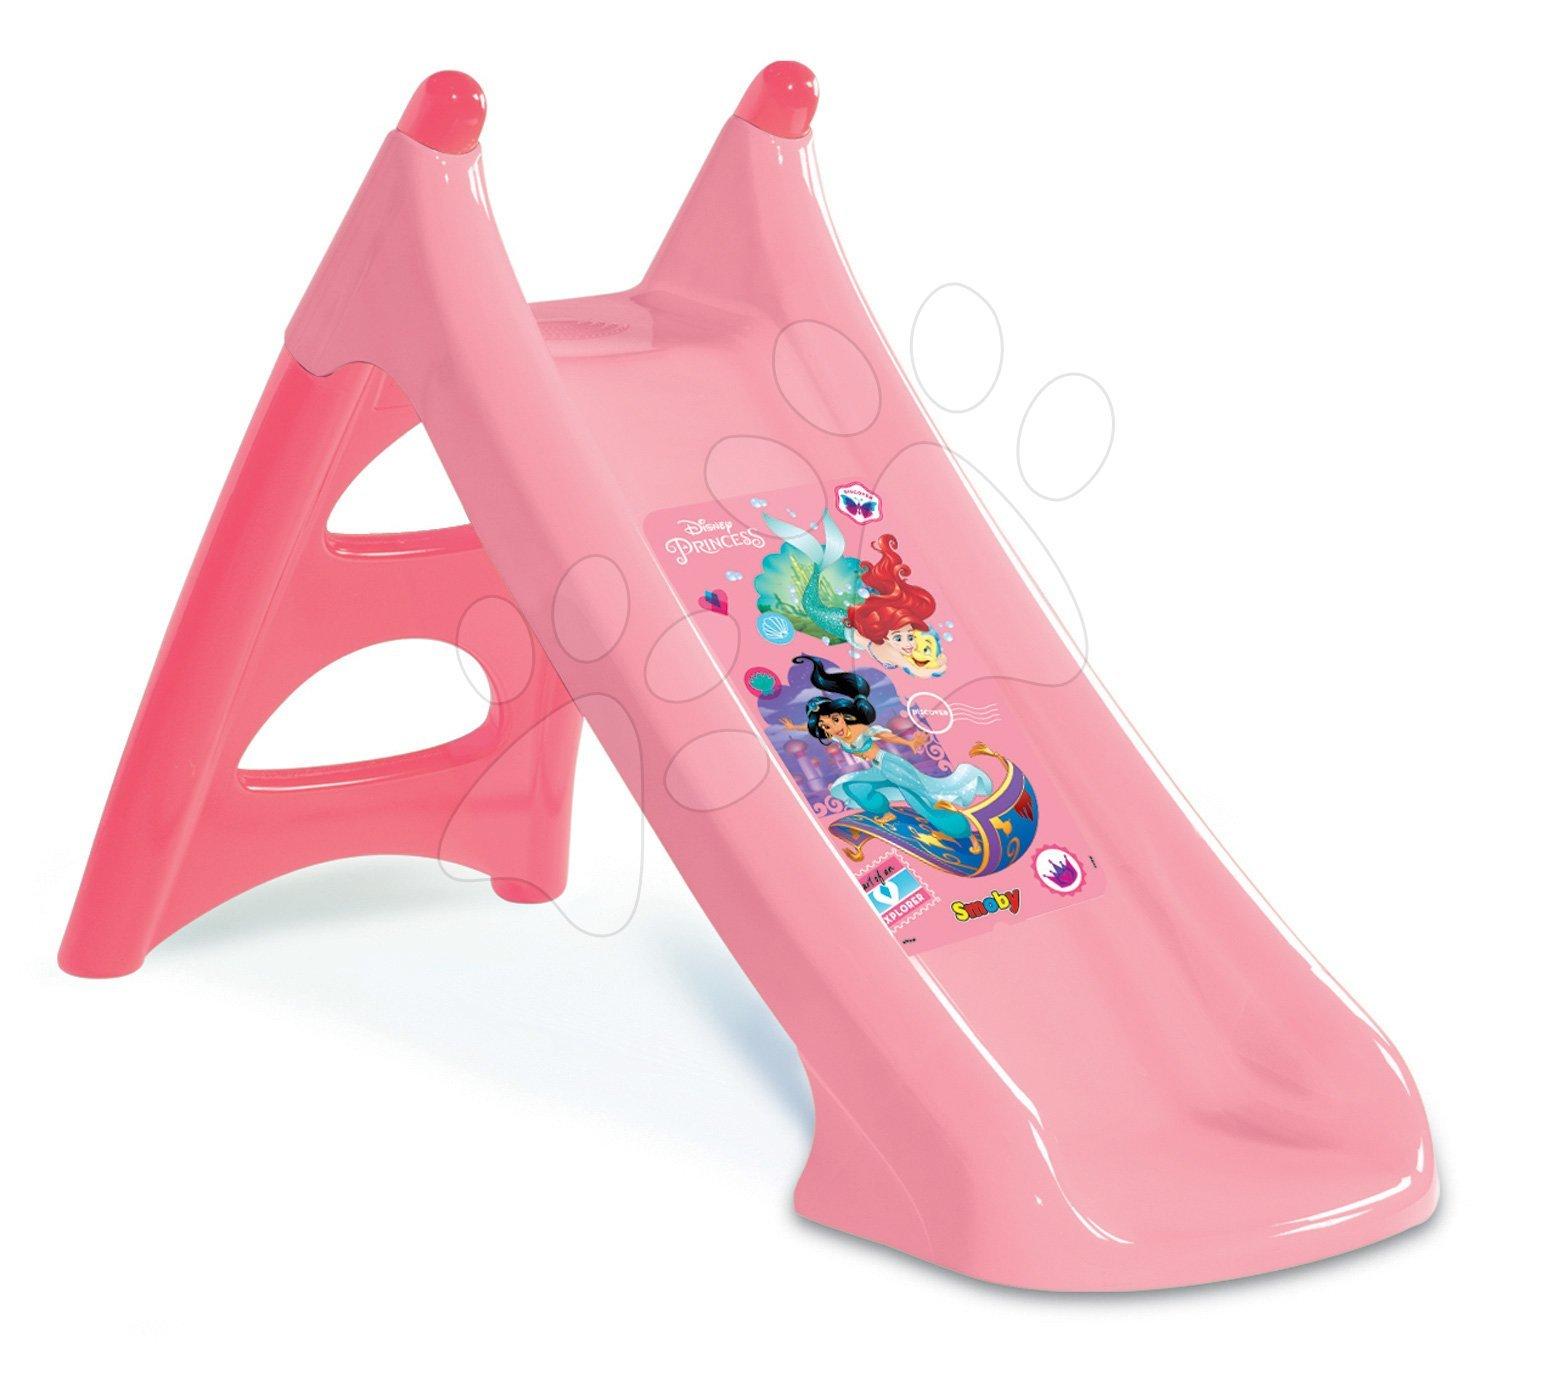 Tobogani za djecu  - Tobogan Disney Princess Toboggan XS Smoby s vodenim mlazom klizna površina 90 cm od 2 godine